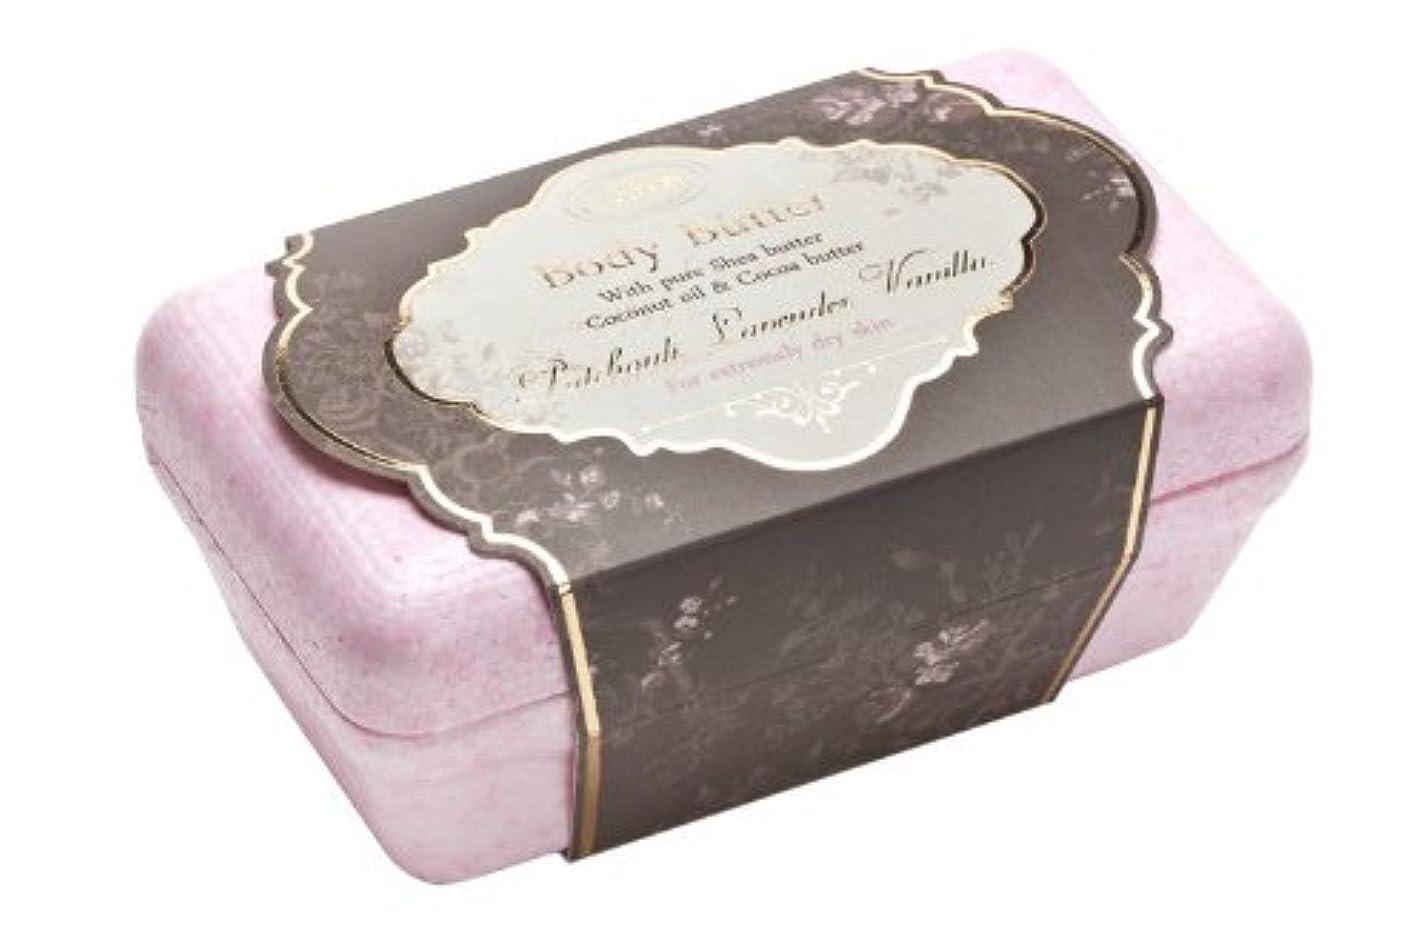 ラボ問題タップサボン Body Butter (For Extremely Dry Skin) - Patchouli Lavender Vanilla 100g/3.53oz並行輸入品